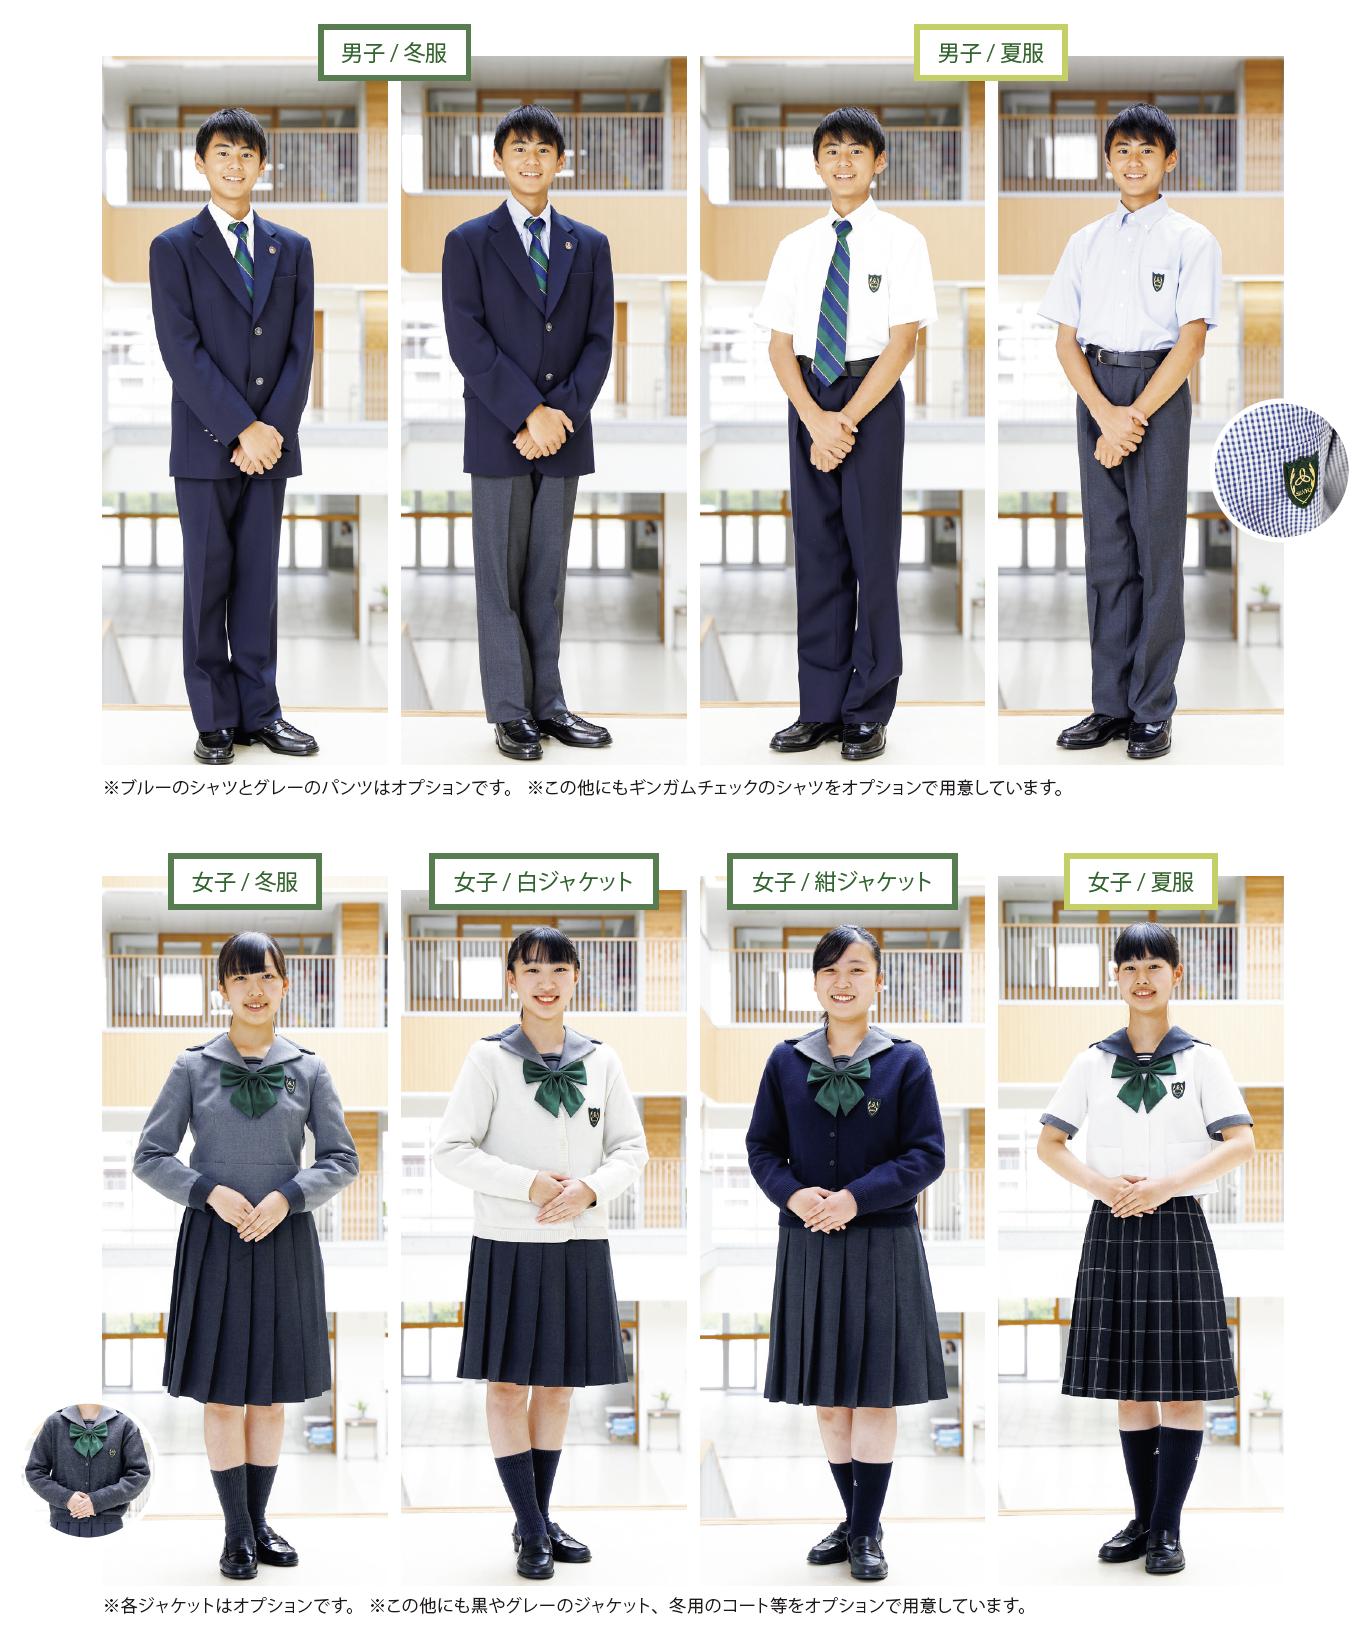 山陽 学園 高校 山陽学園中学校・高等学校 - sanyogakuen.ed.jp